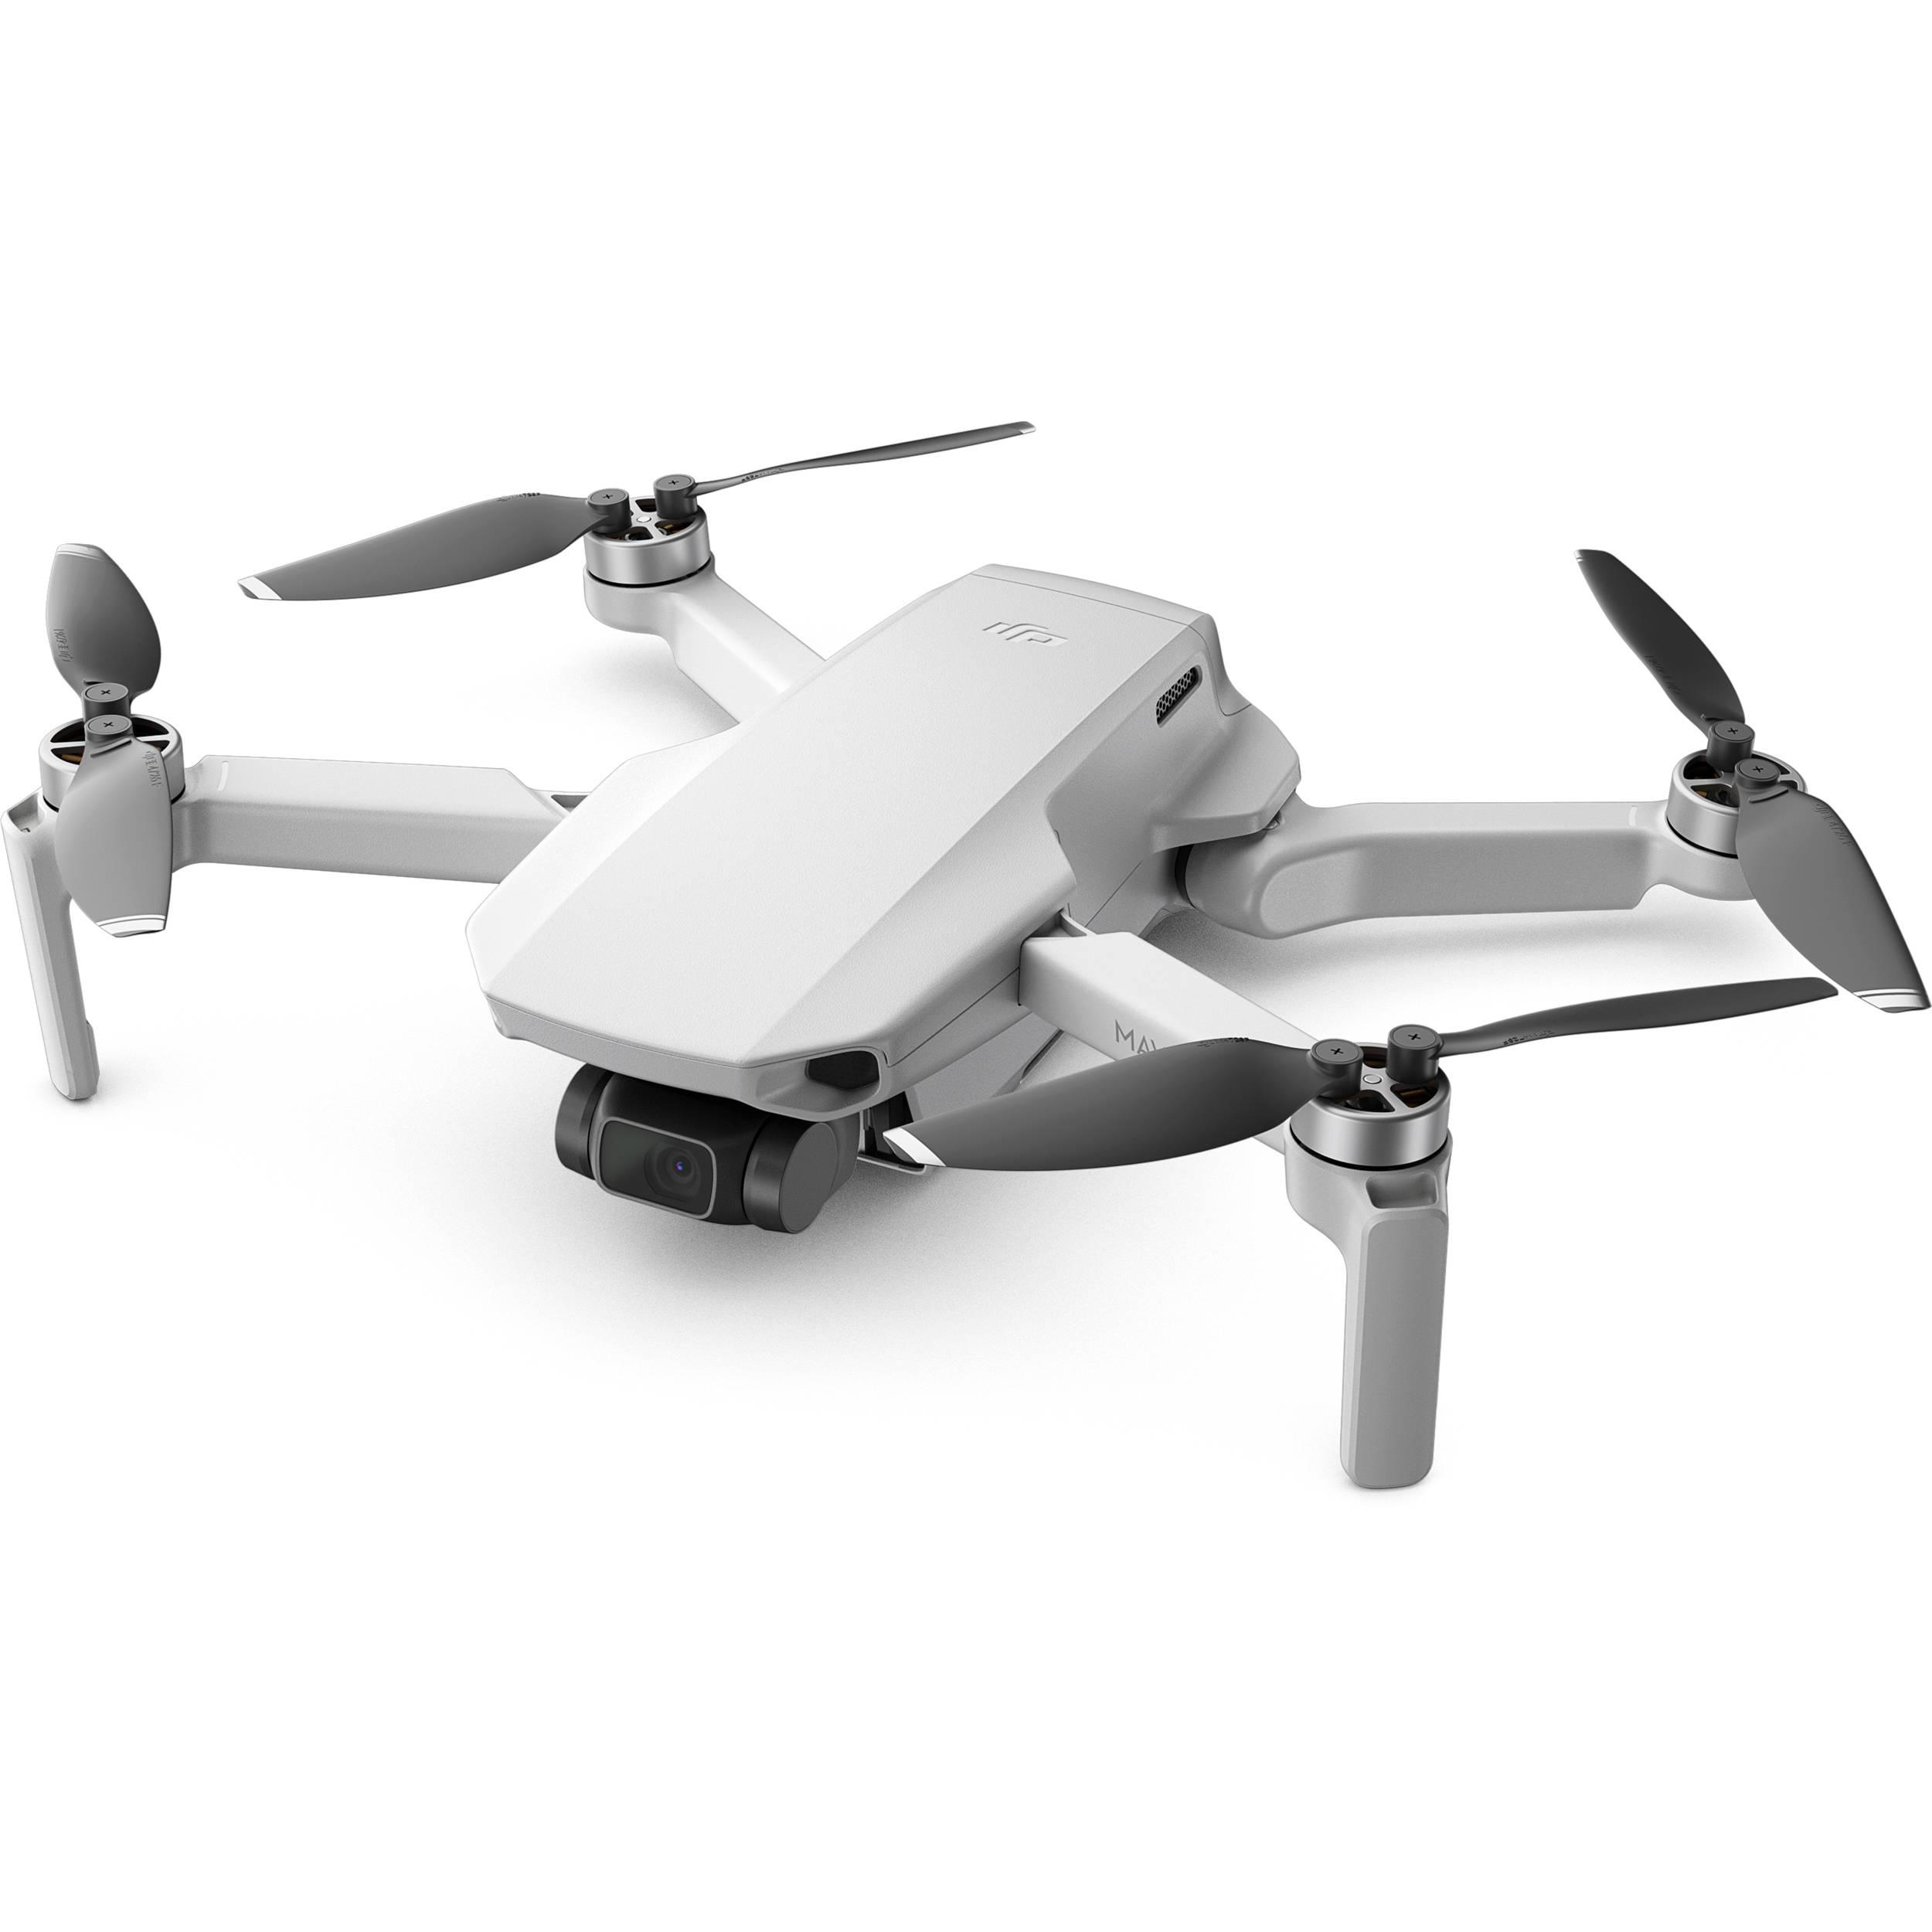 Drónok és kiegészítőik: mire figyeljen vásárláskor?